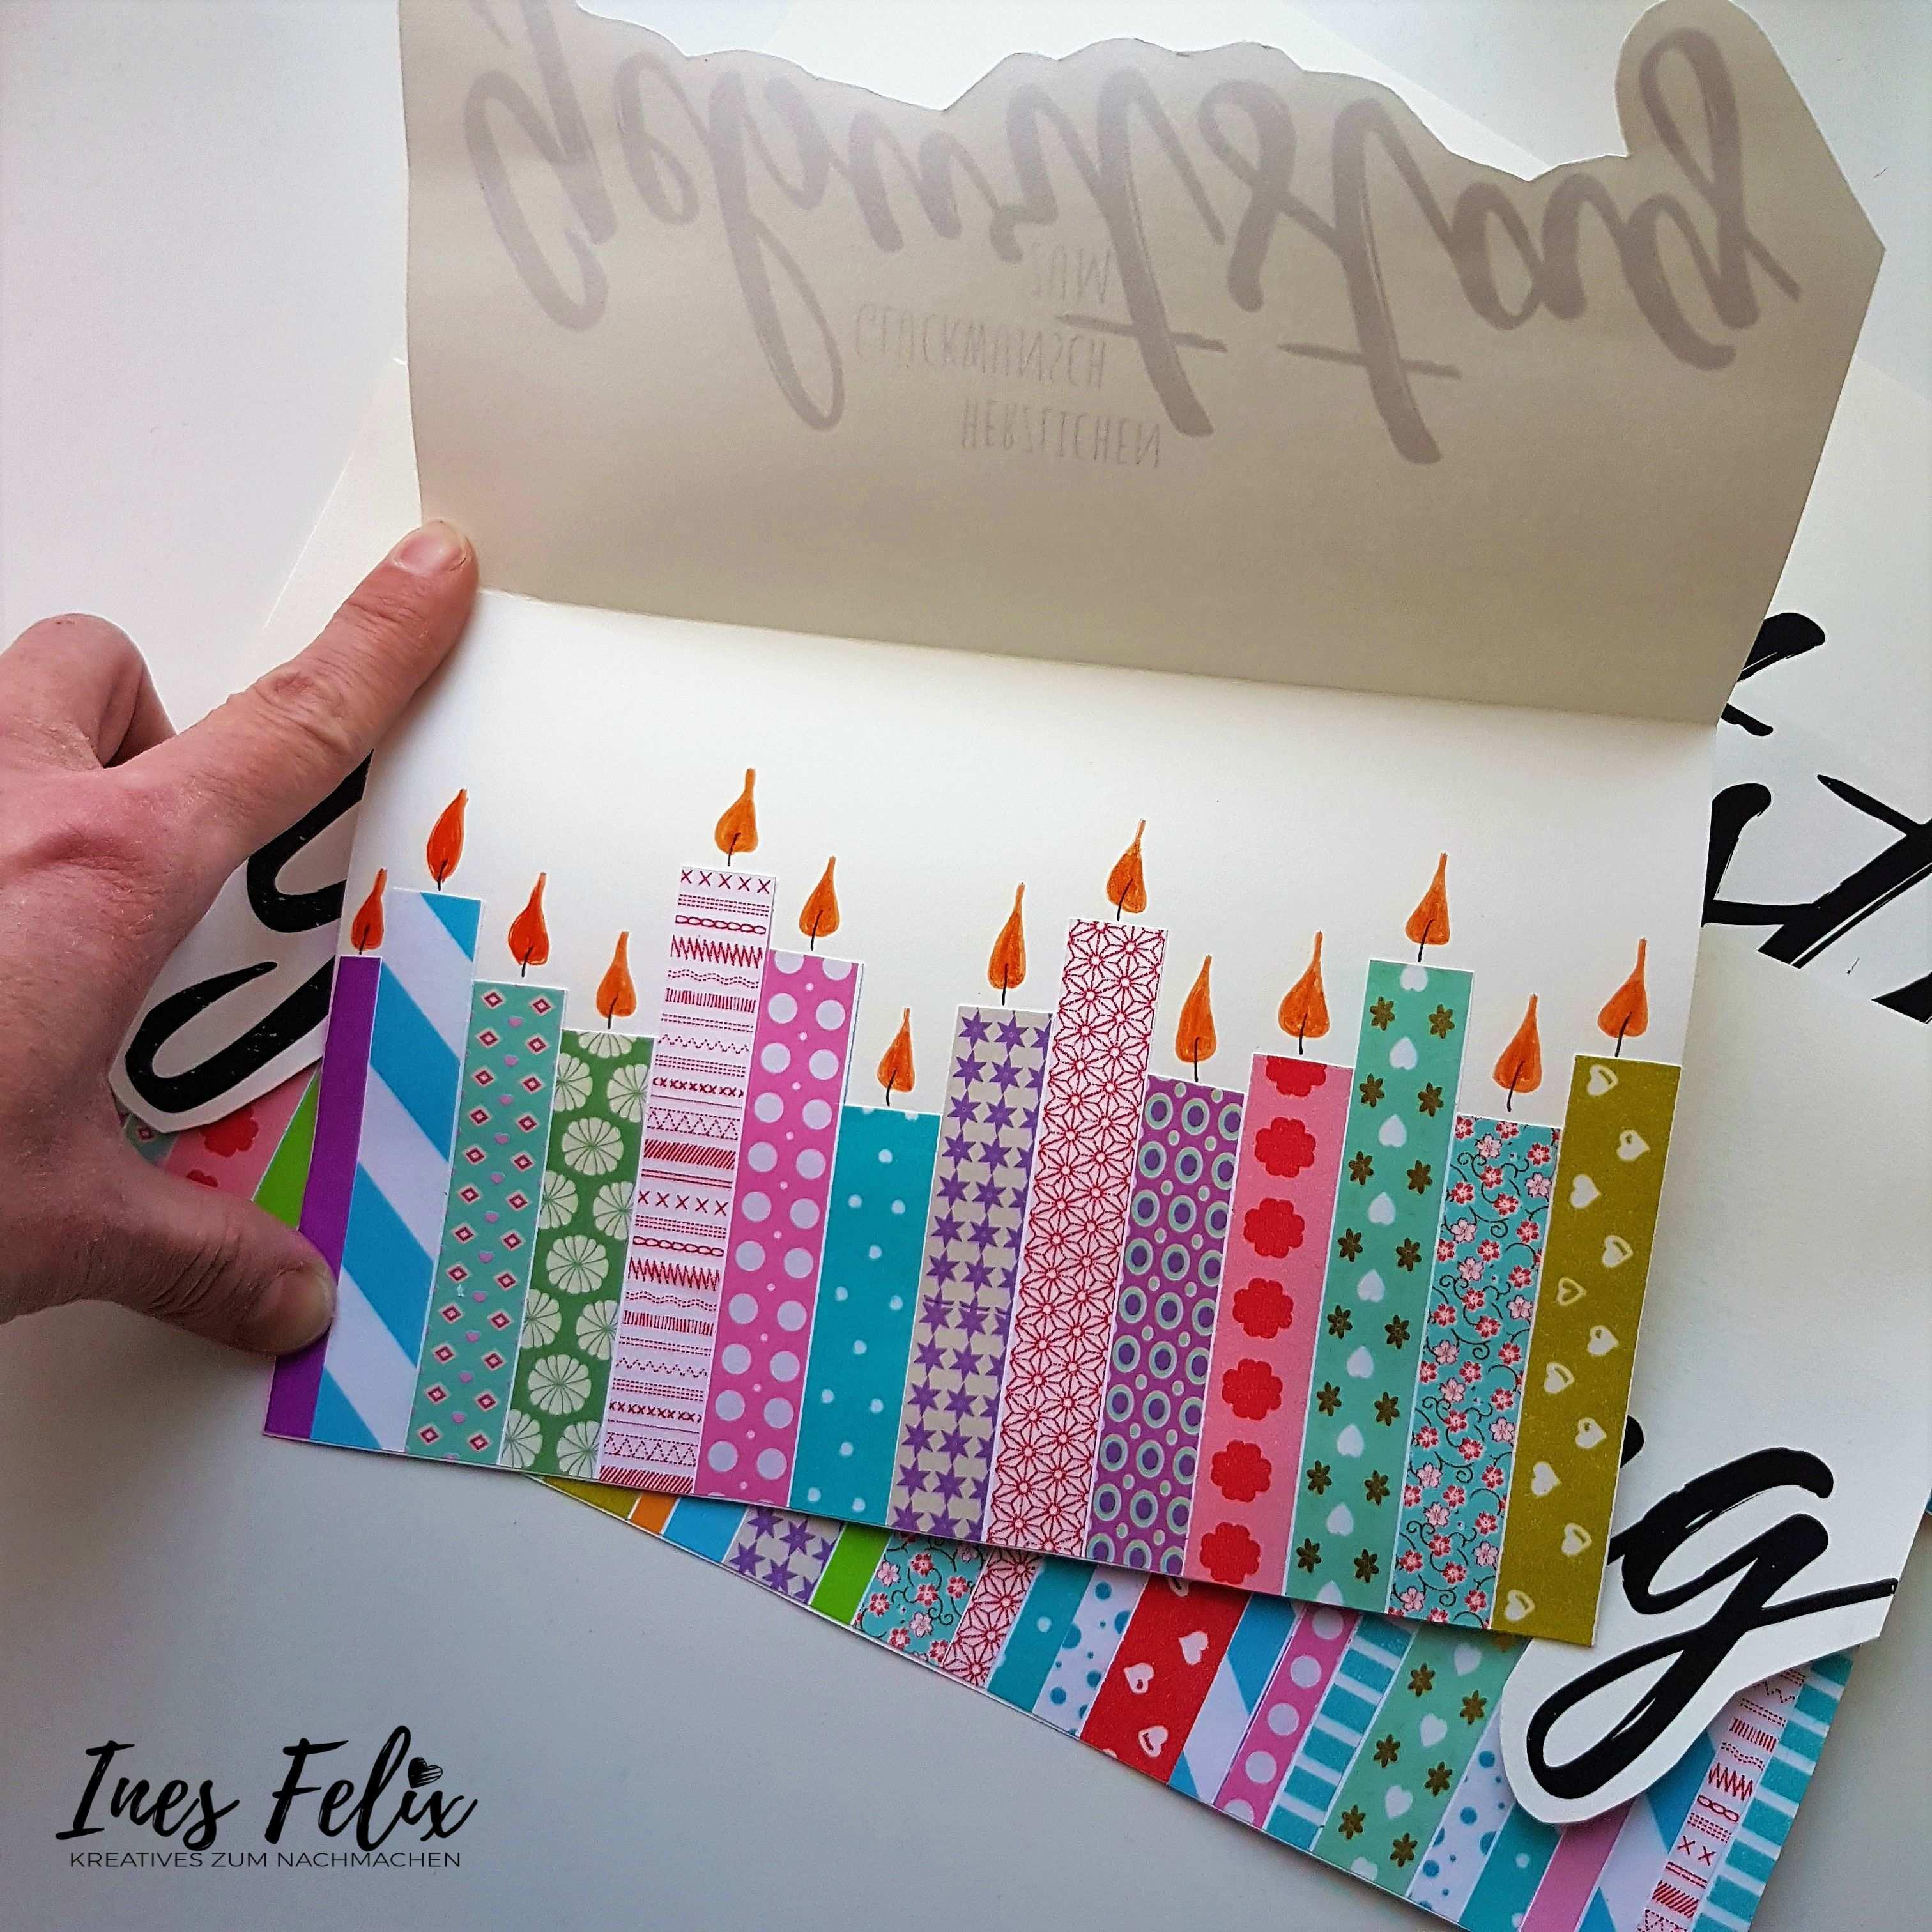 Geburtstagskarten Mit Masking Tape Geburtstagskarte Karte